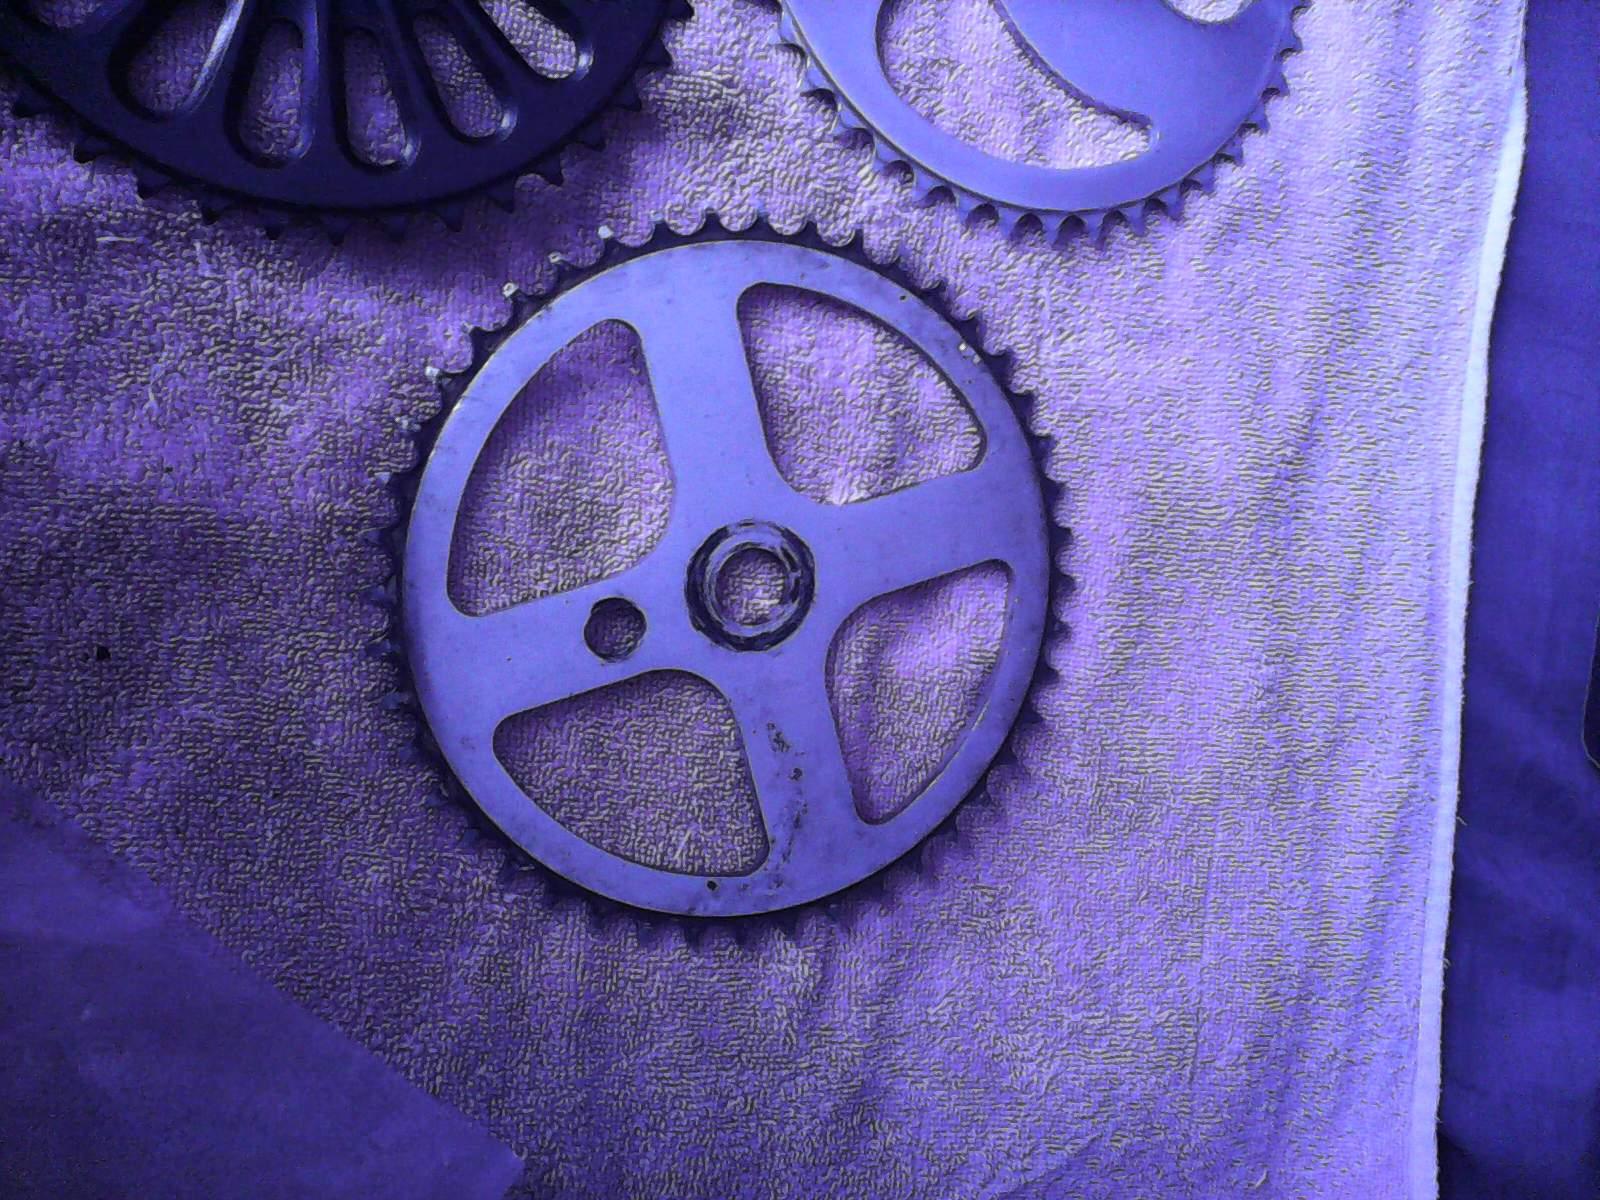 http://uploads.bmxmuseum.com/user-images/207648/img_20180113_1335405a5a5403c3.jpg